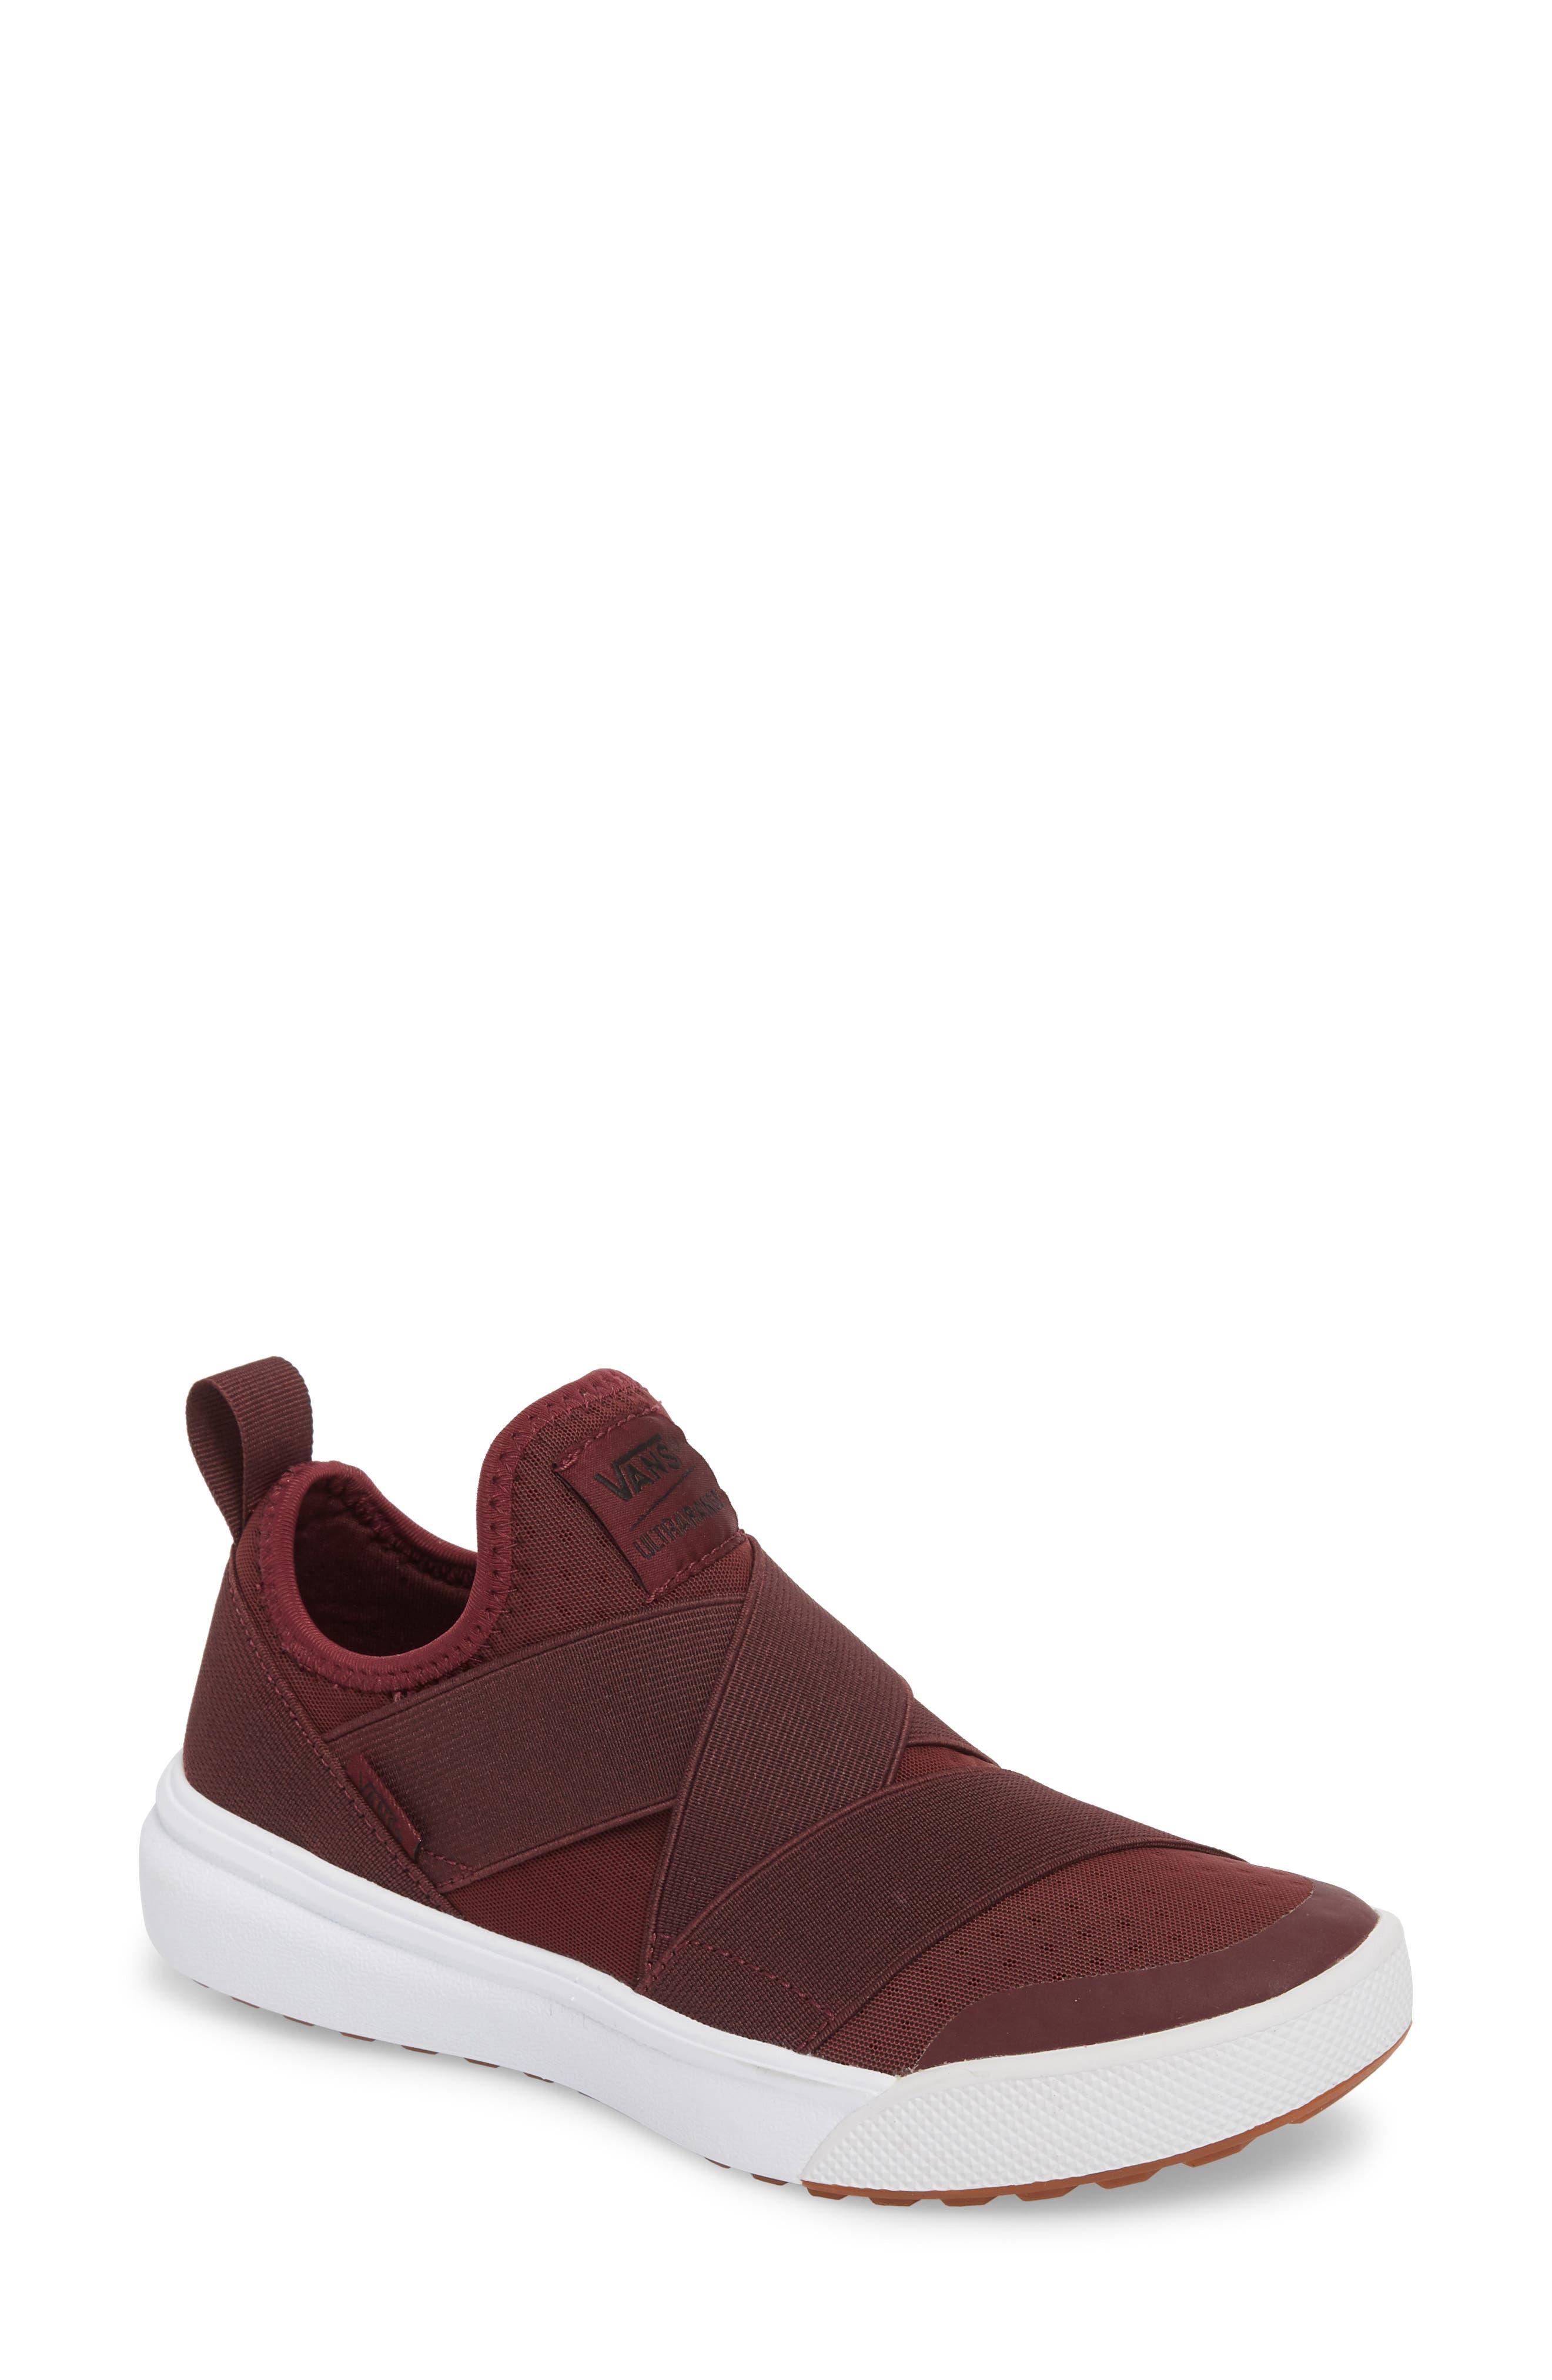 UltraRange Gore Slip-On Sneaker,                         Main,                         color, Port Royale